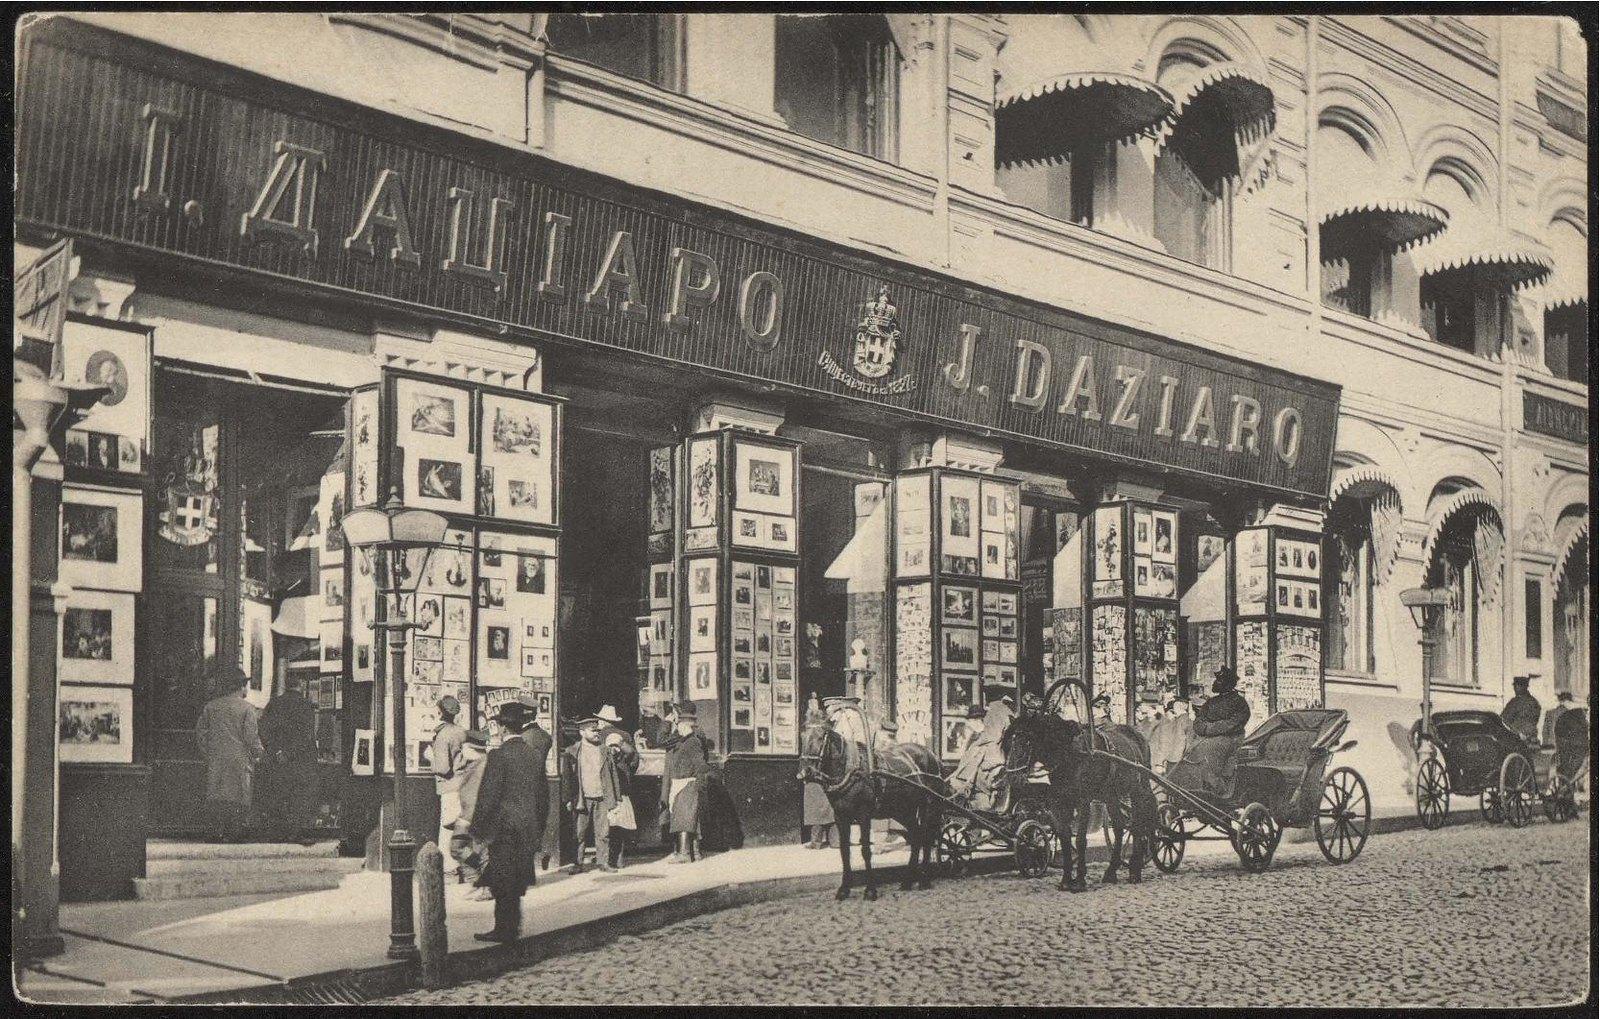 Кузнецкий мост, магазин Дациаро